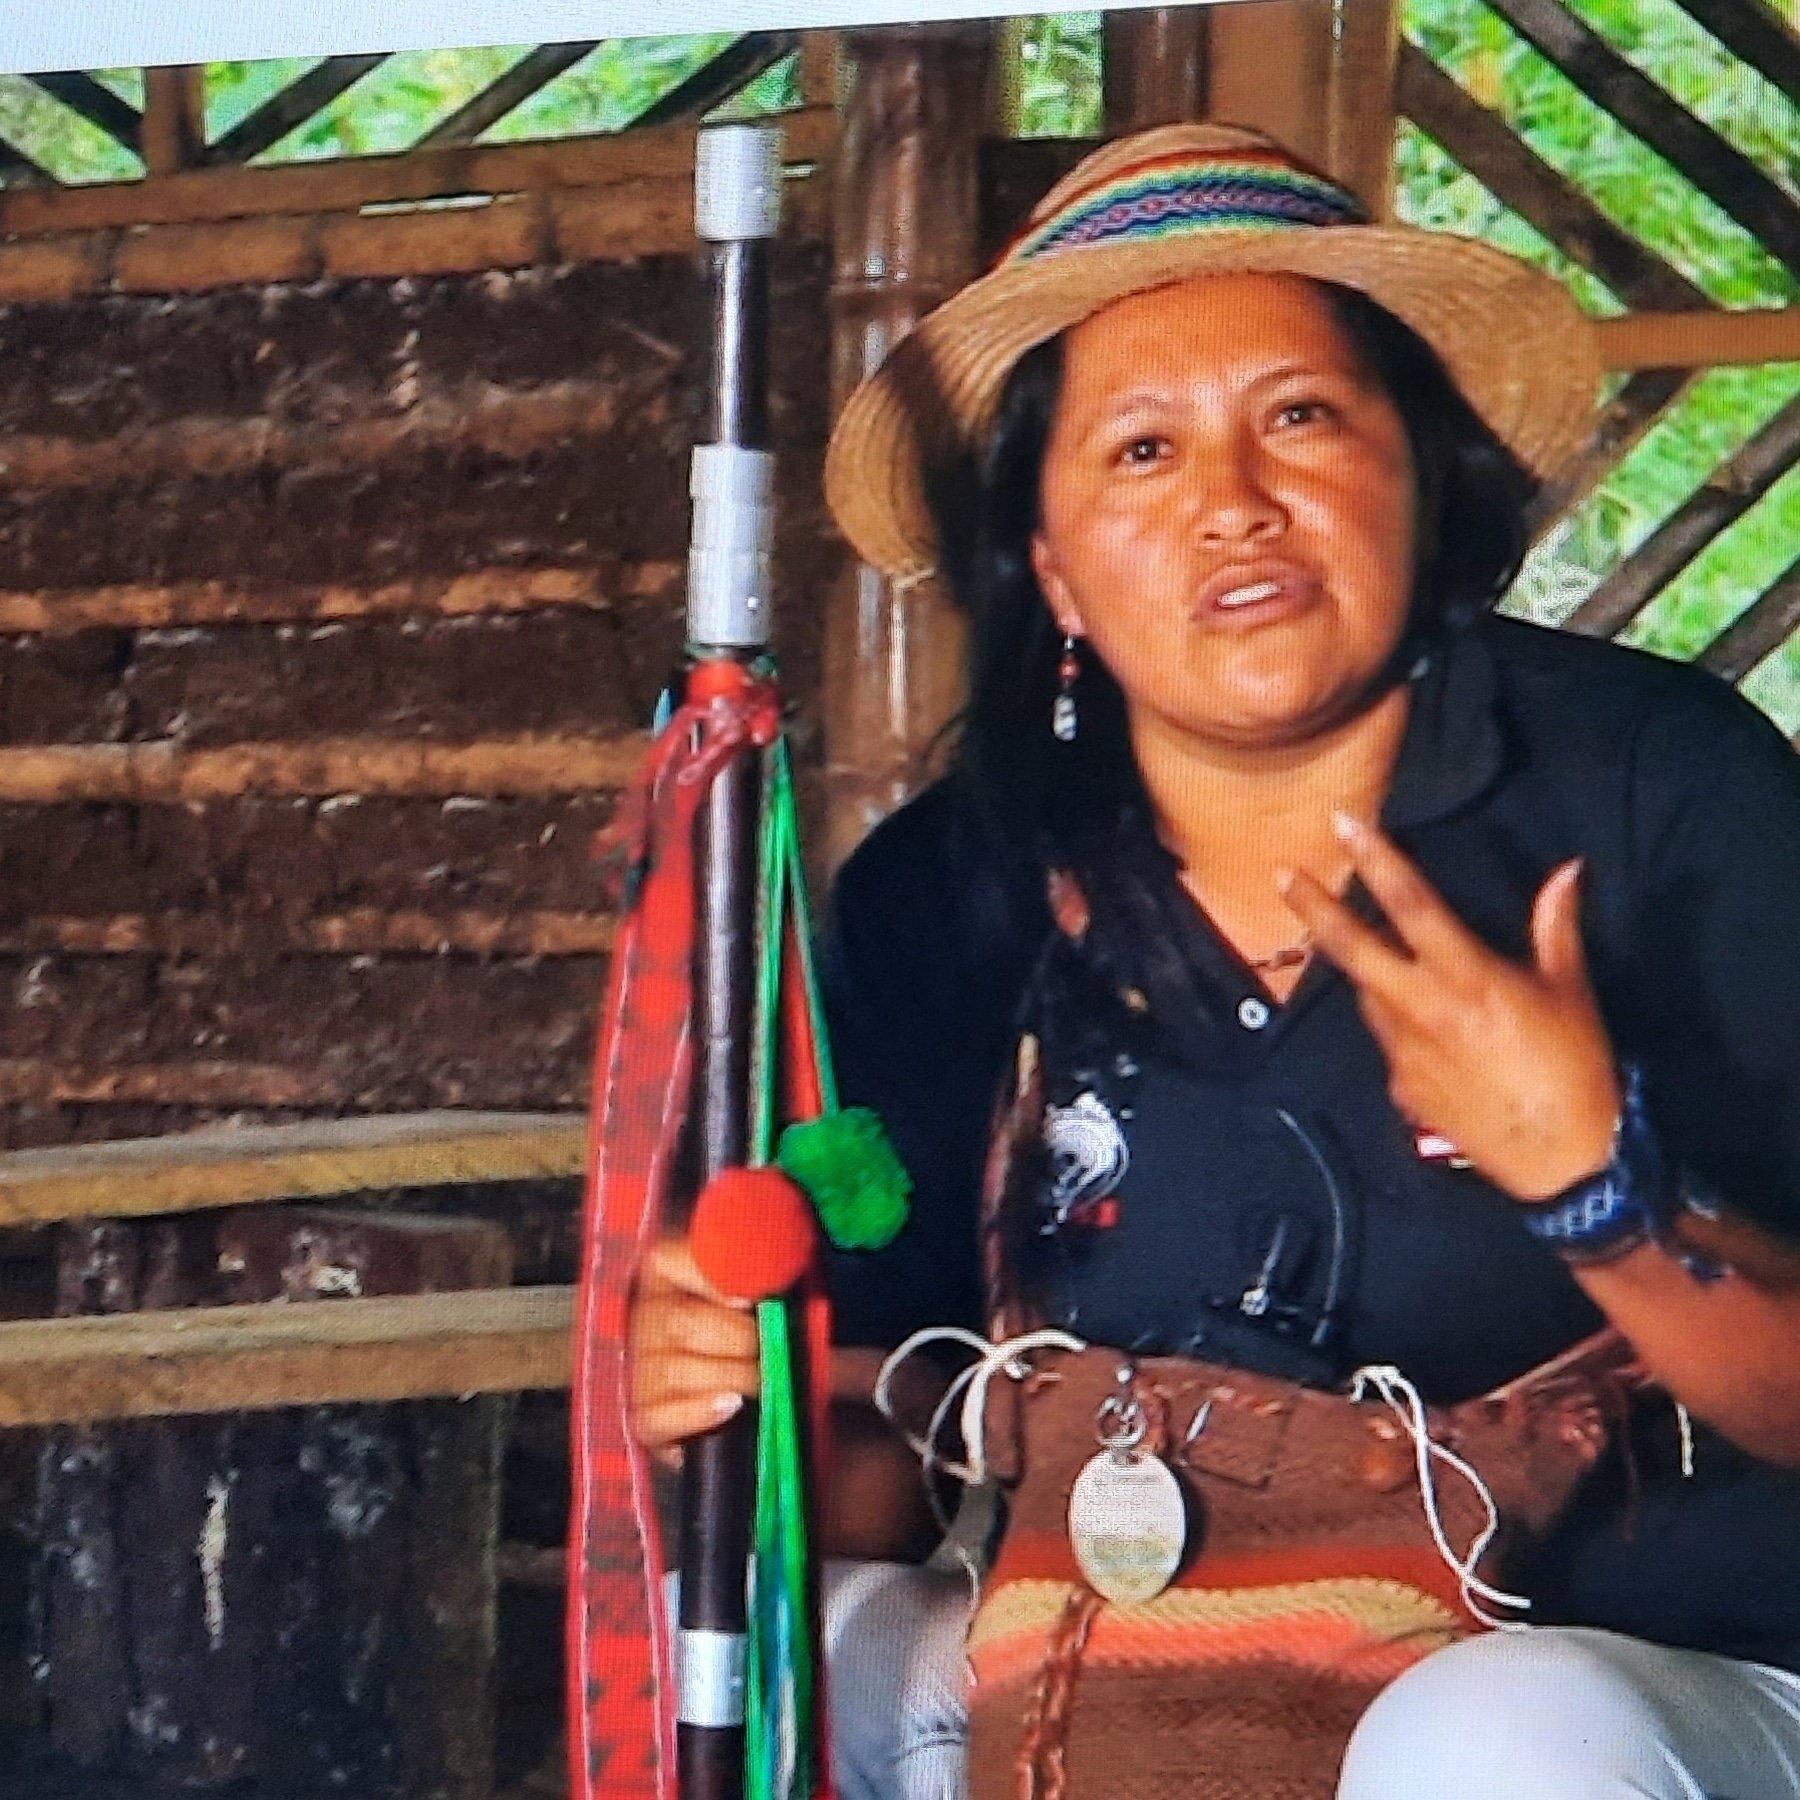 Ella es Sandra Liliana Peña Chocué, la gobernadora indígena que asesinaron el 20 de abril en el resguardo de La Laguna-Siberia, en Caldono, Cauca, en el suroeste de Colombia. Foto: Cortesía CRIC.